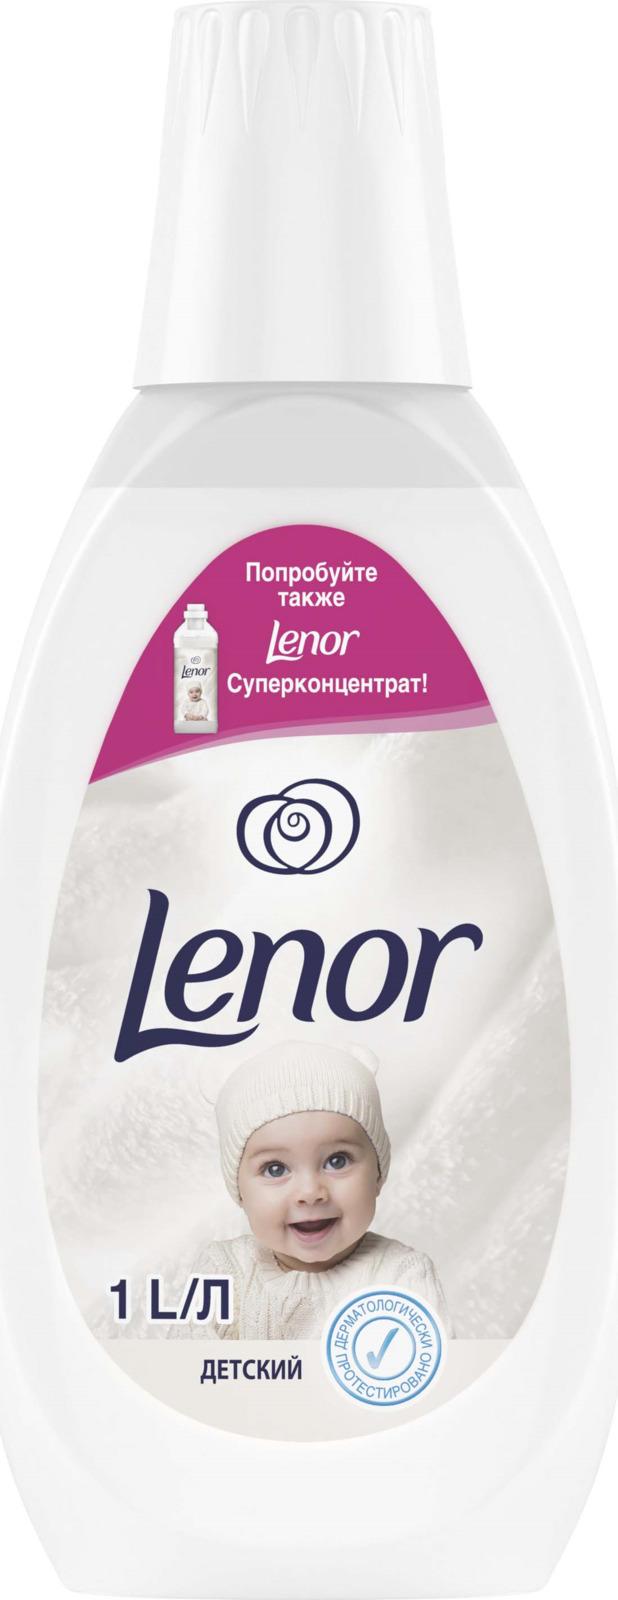 Кондиционер для белья Lenor Детский, 1 л кондиционер для белья lenor аметист и цветочный букет 1 8 л